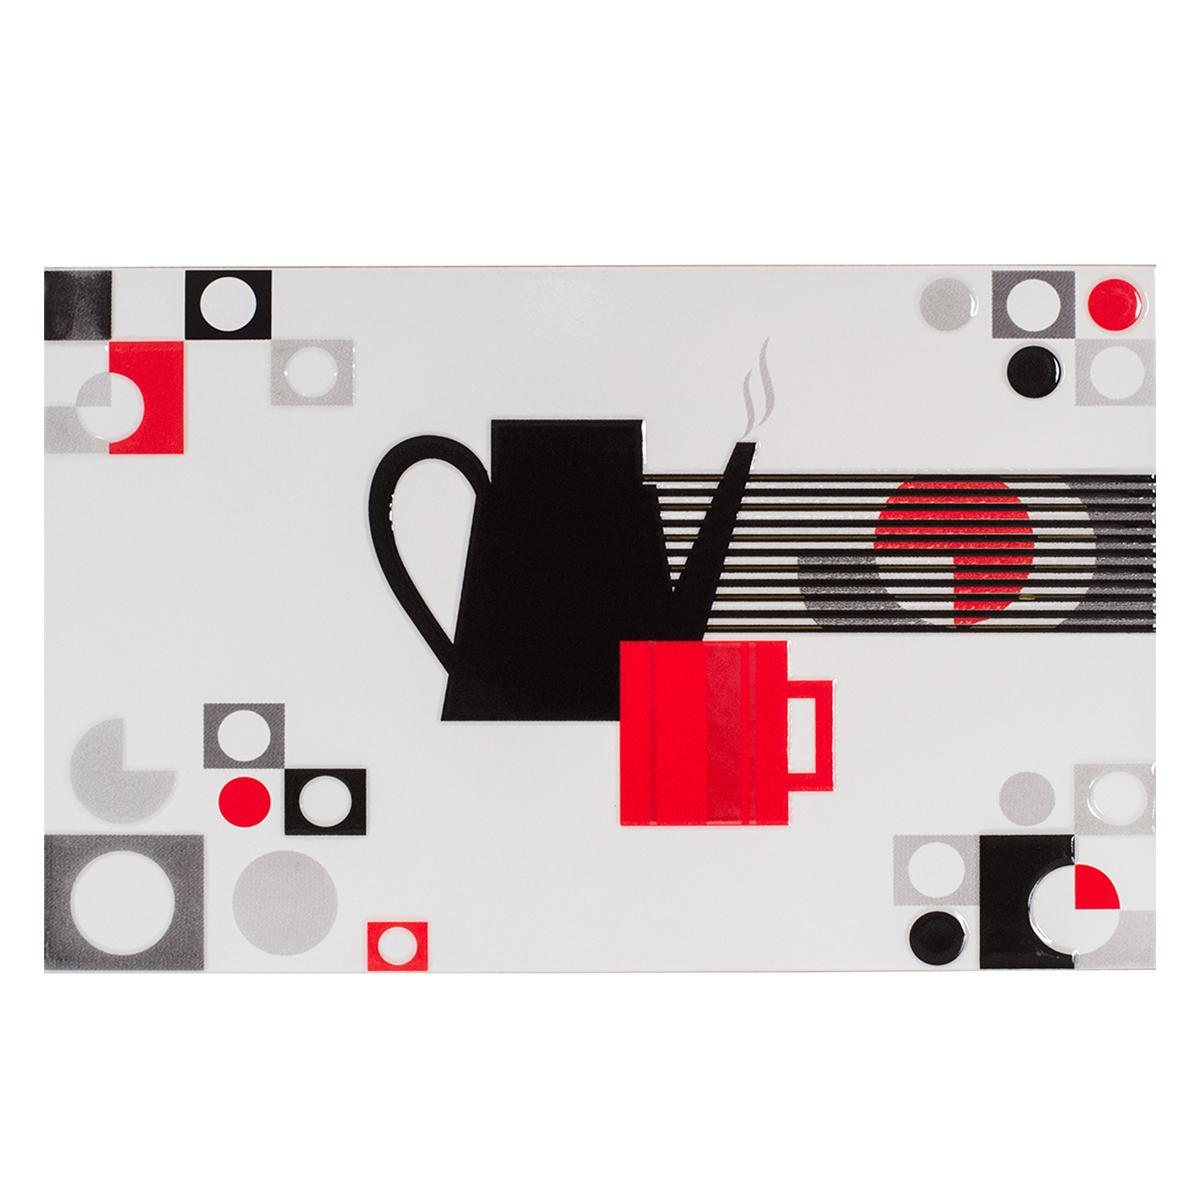 Inserto Decorado Rojo Brillante - 25X40 cm - 1 pza